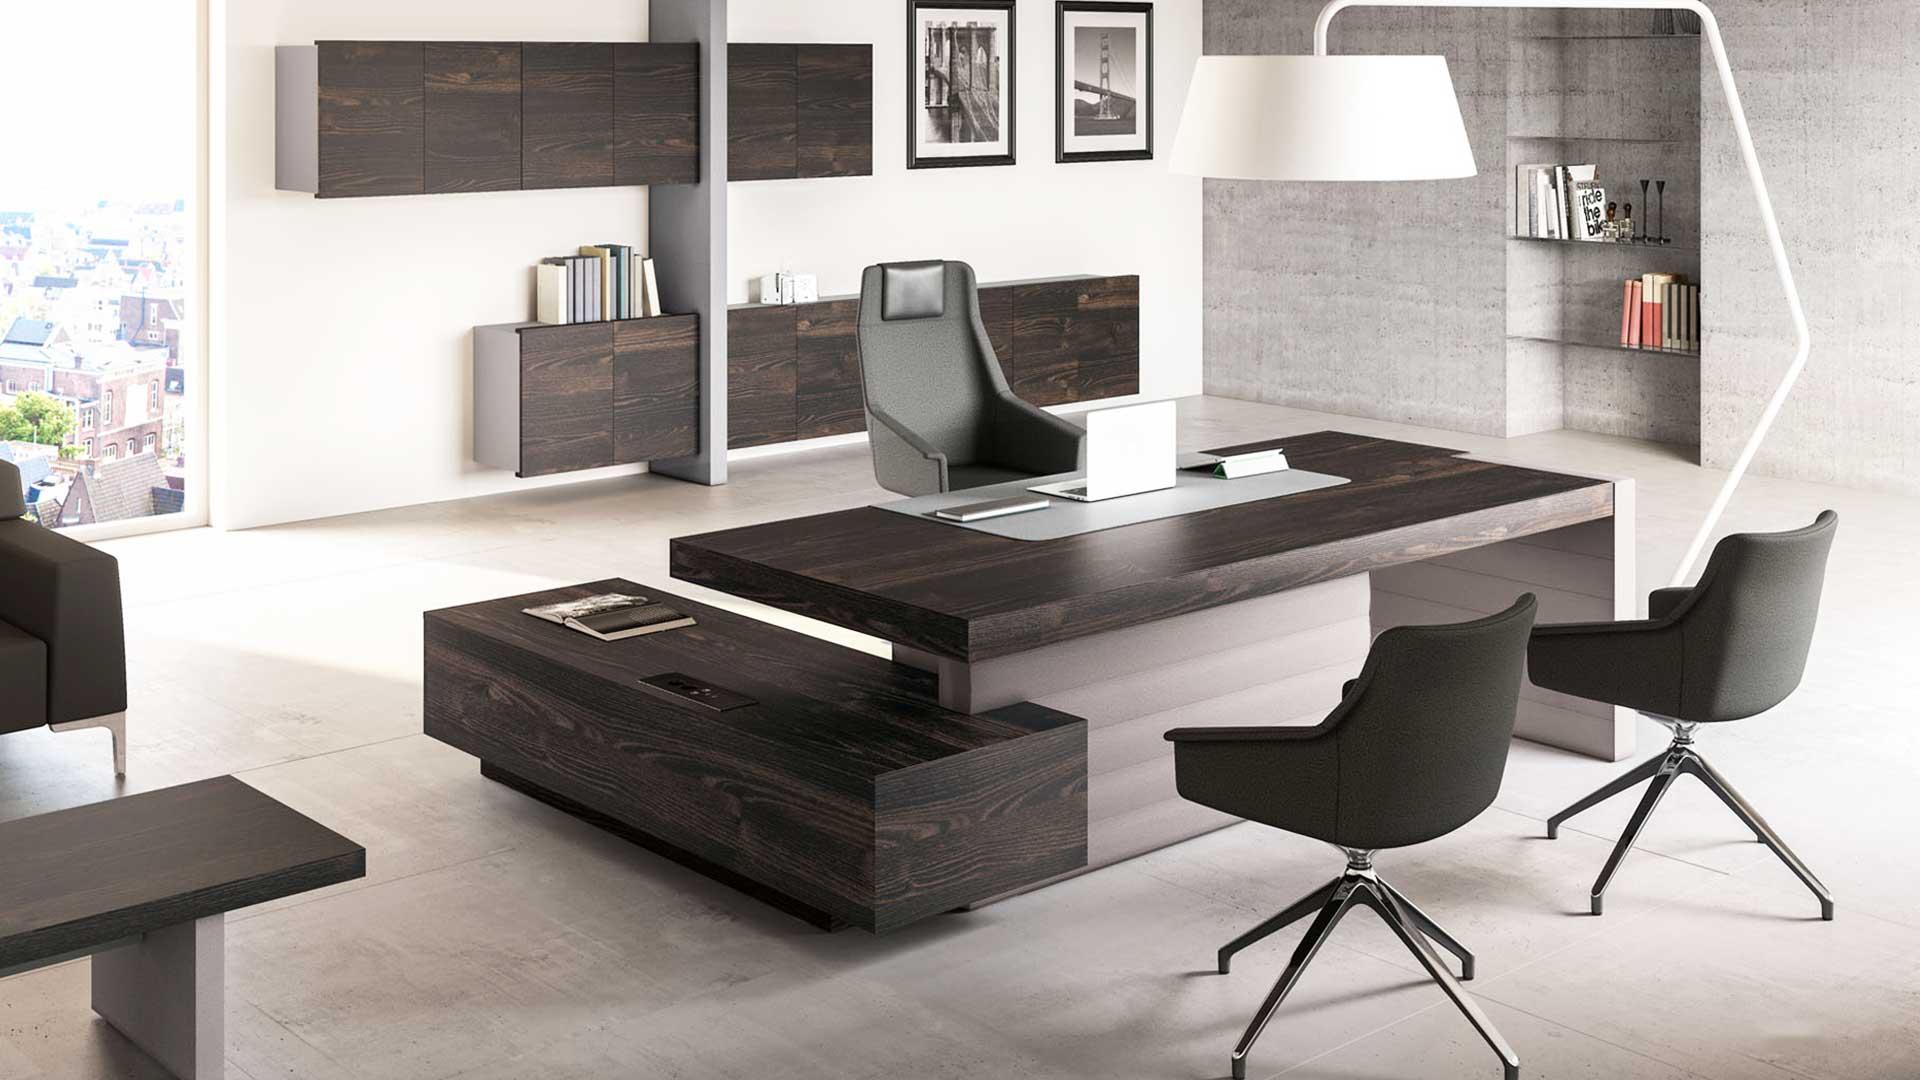 85 mobili ufficio design usati mobili per ufficio usati for Ufficio architetto design